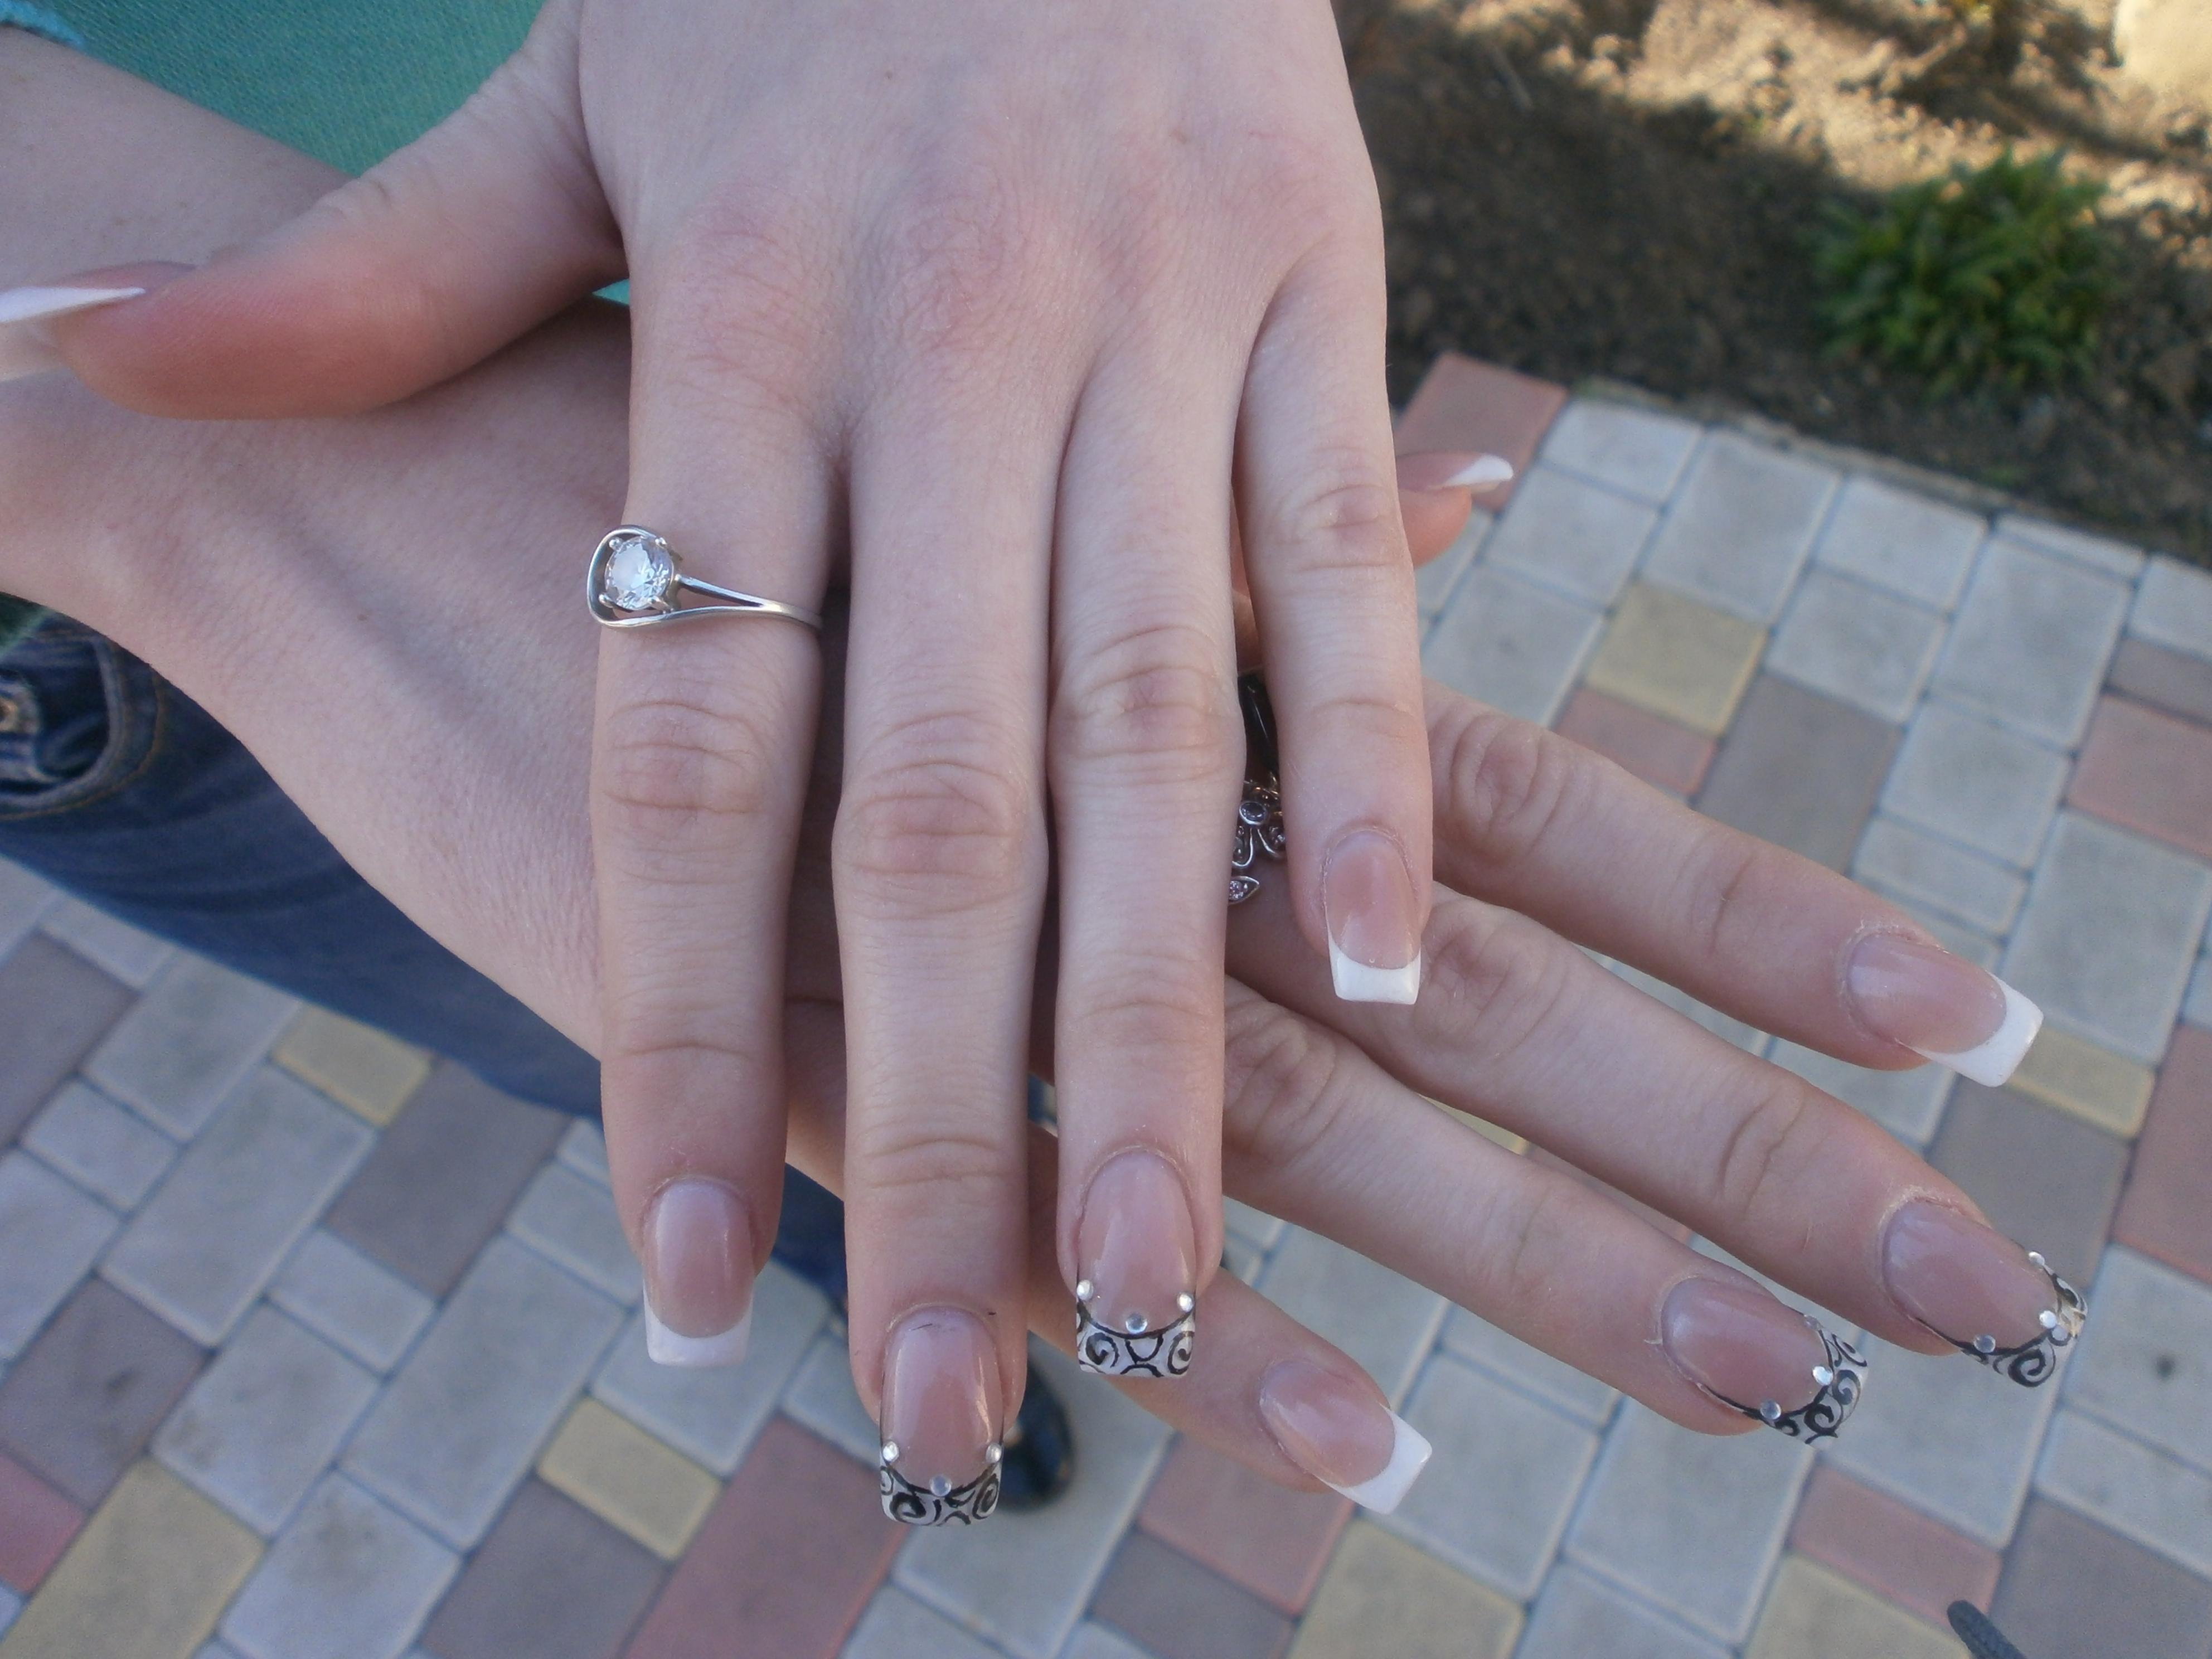 Оригинальный и белый френч для длинных ногтей